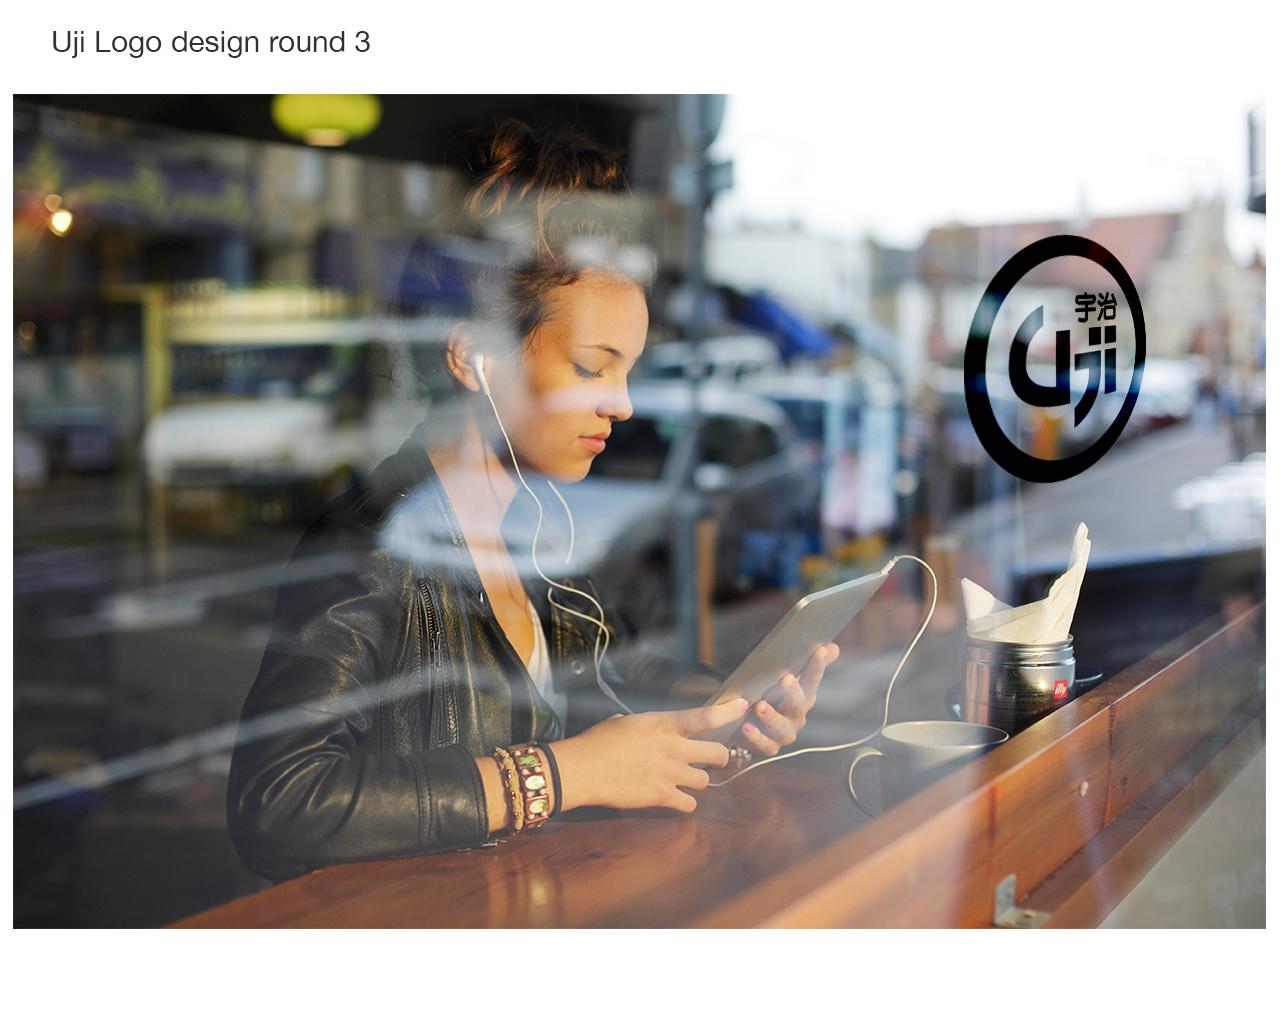 uji_logo_design_r3_page4